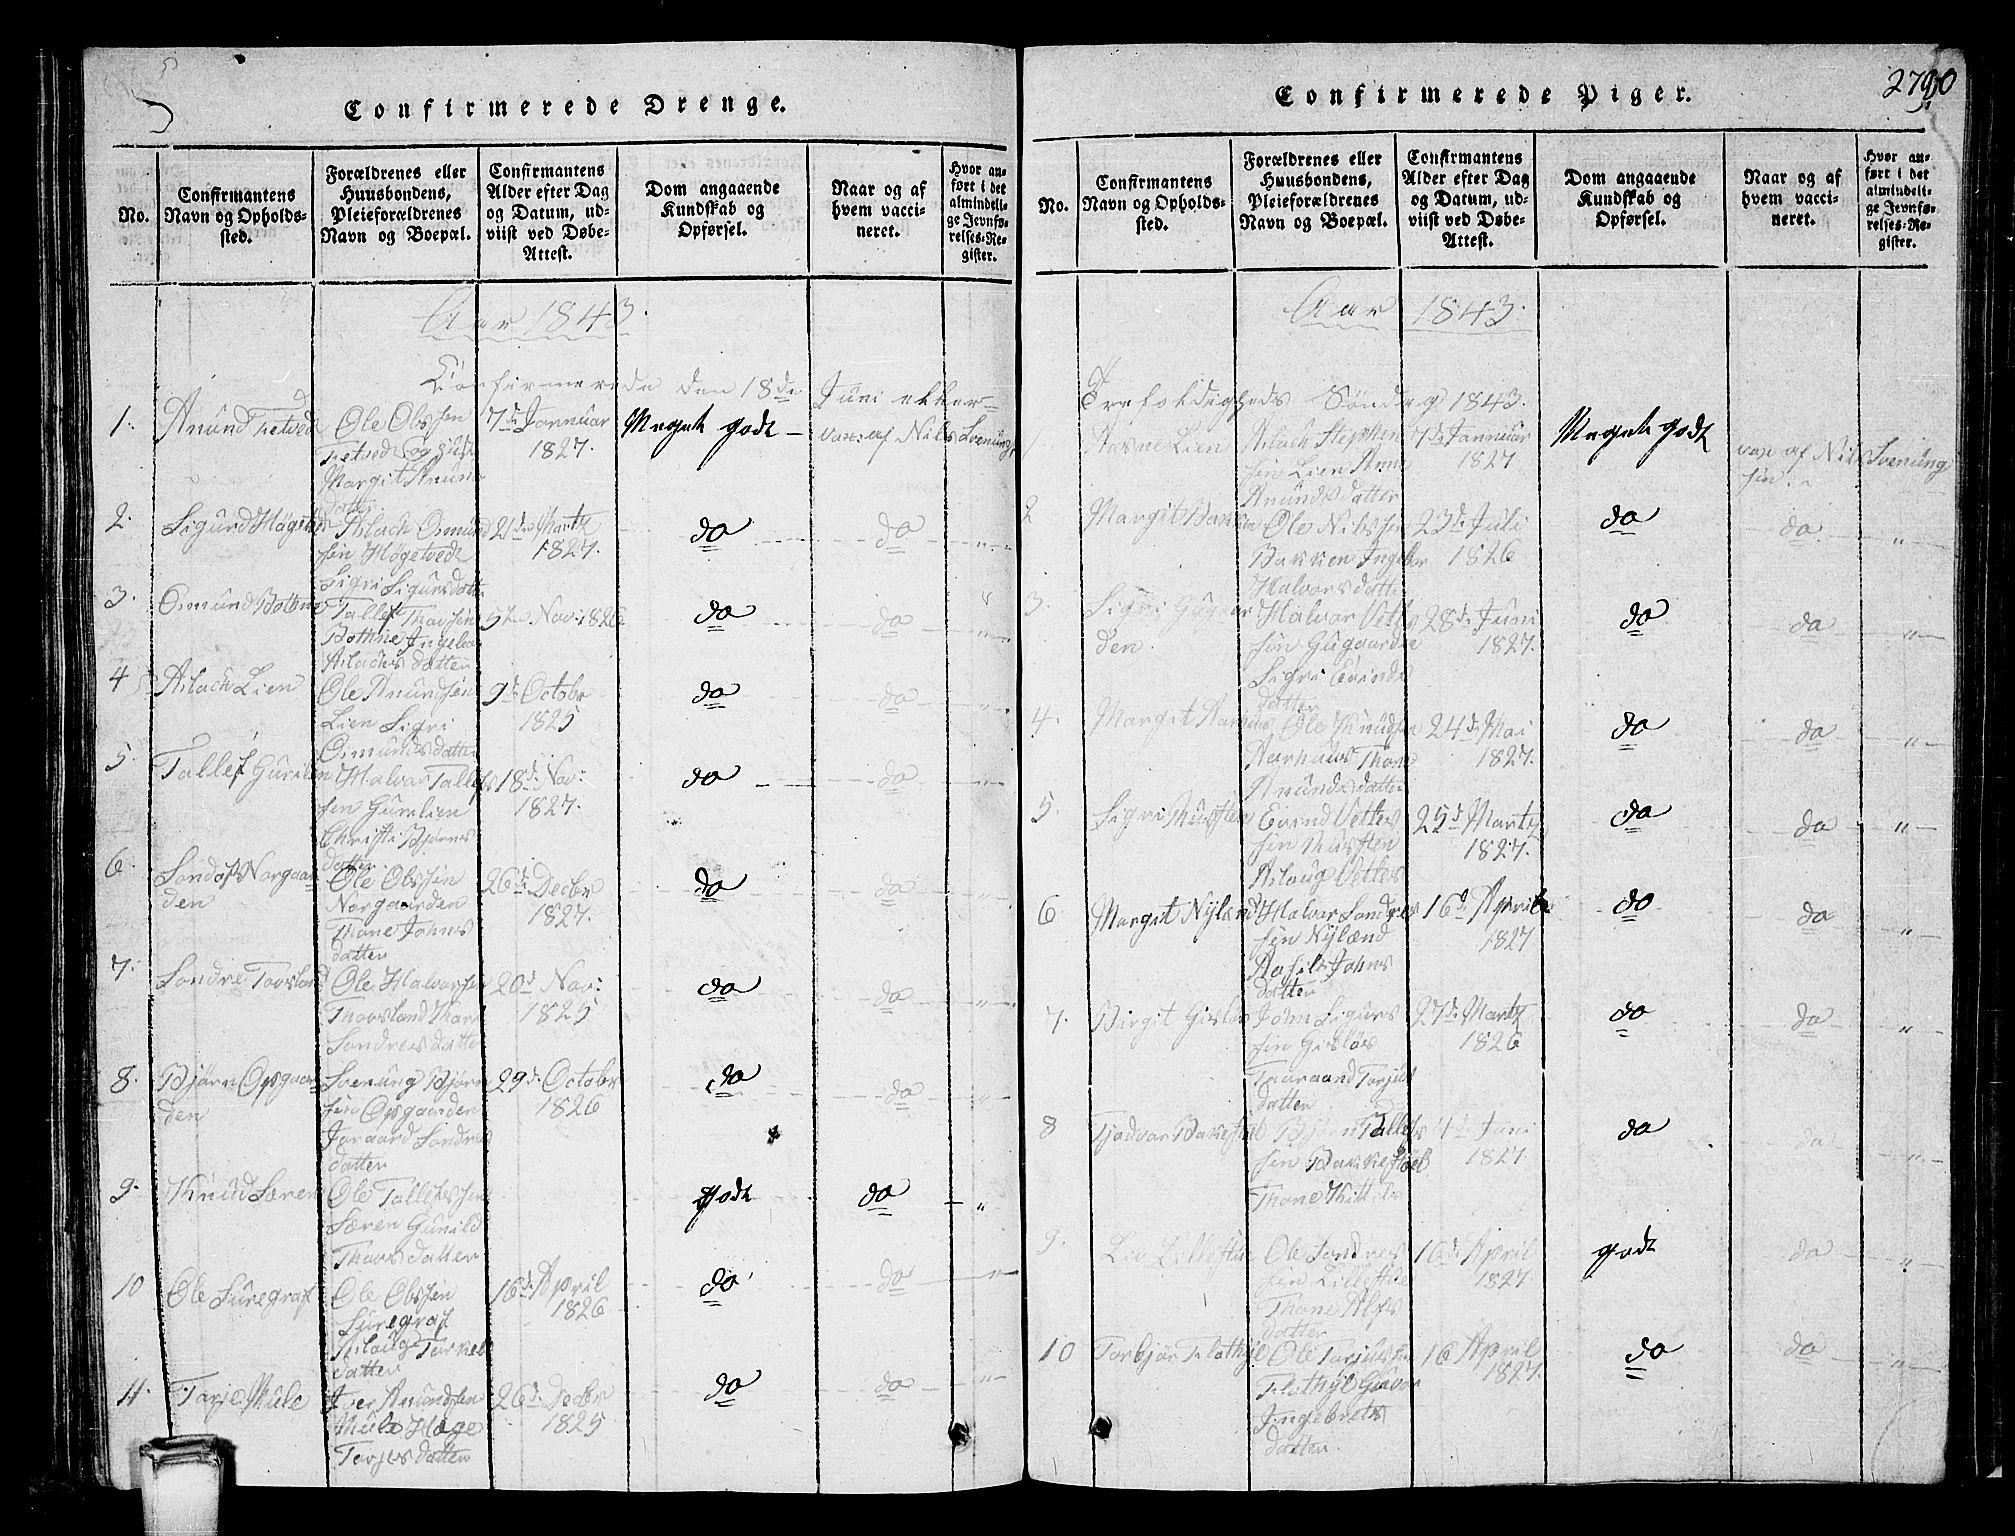 SAKO, Vinje kirkebøker, G/Ga/L0001: Klokkerbok nr. I 1, 1814-1843, s. 279